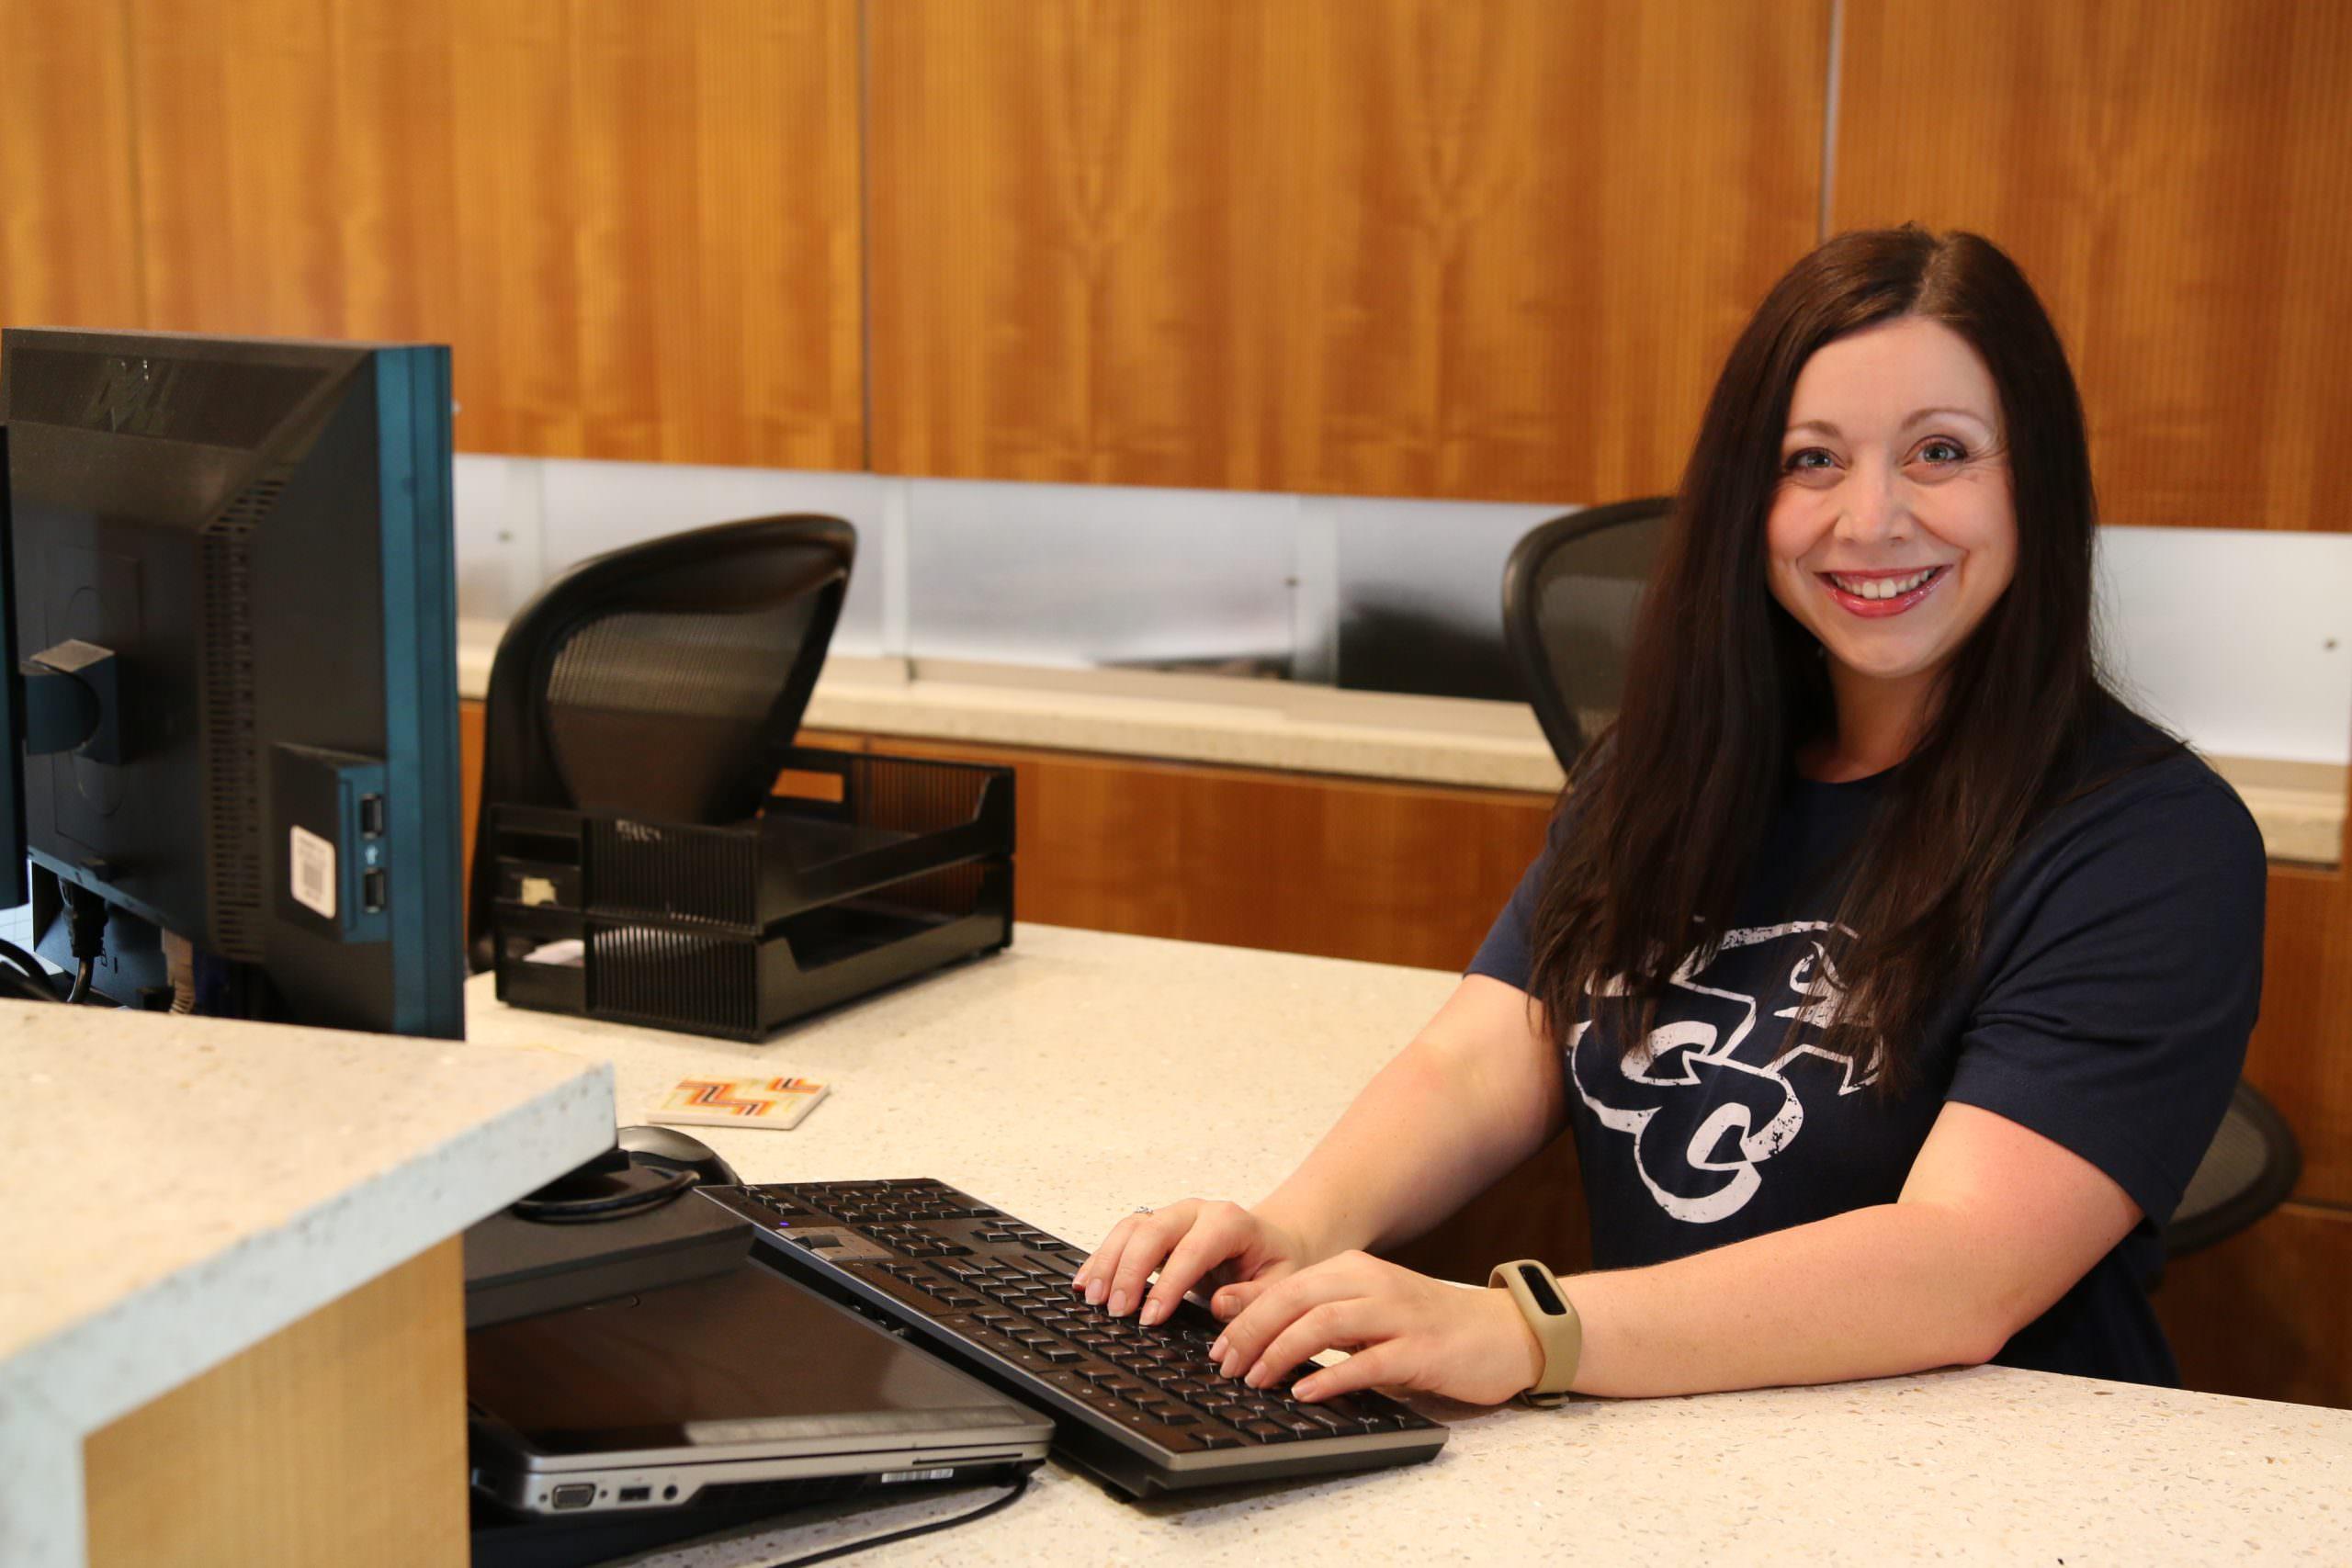 ECC staff member at computer